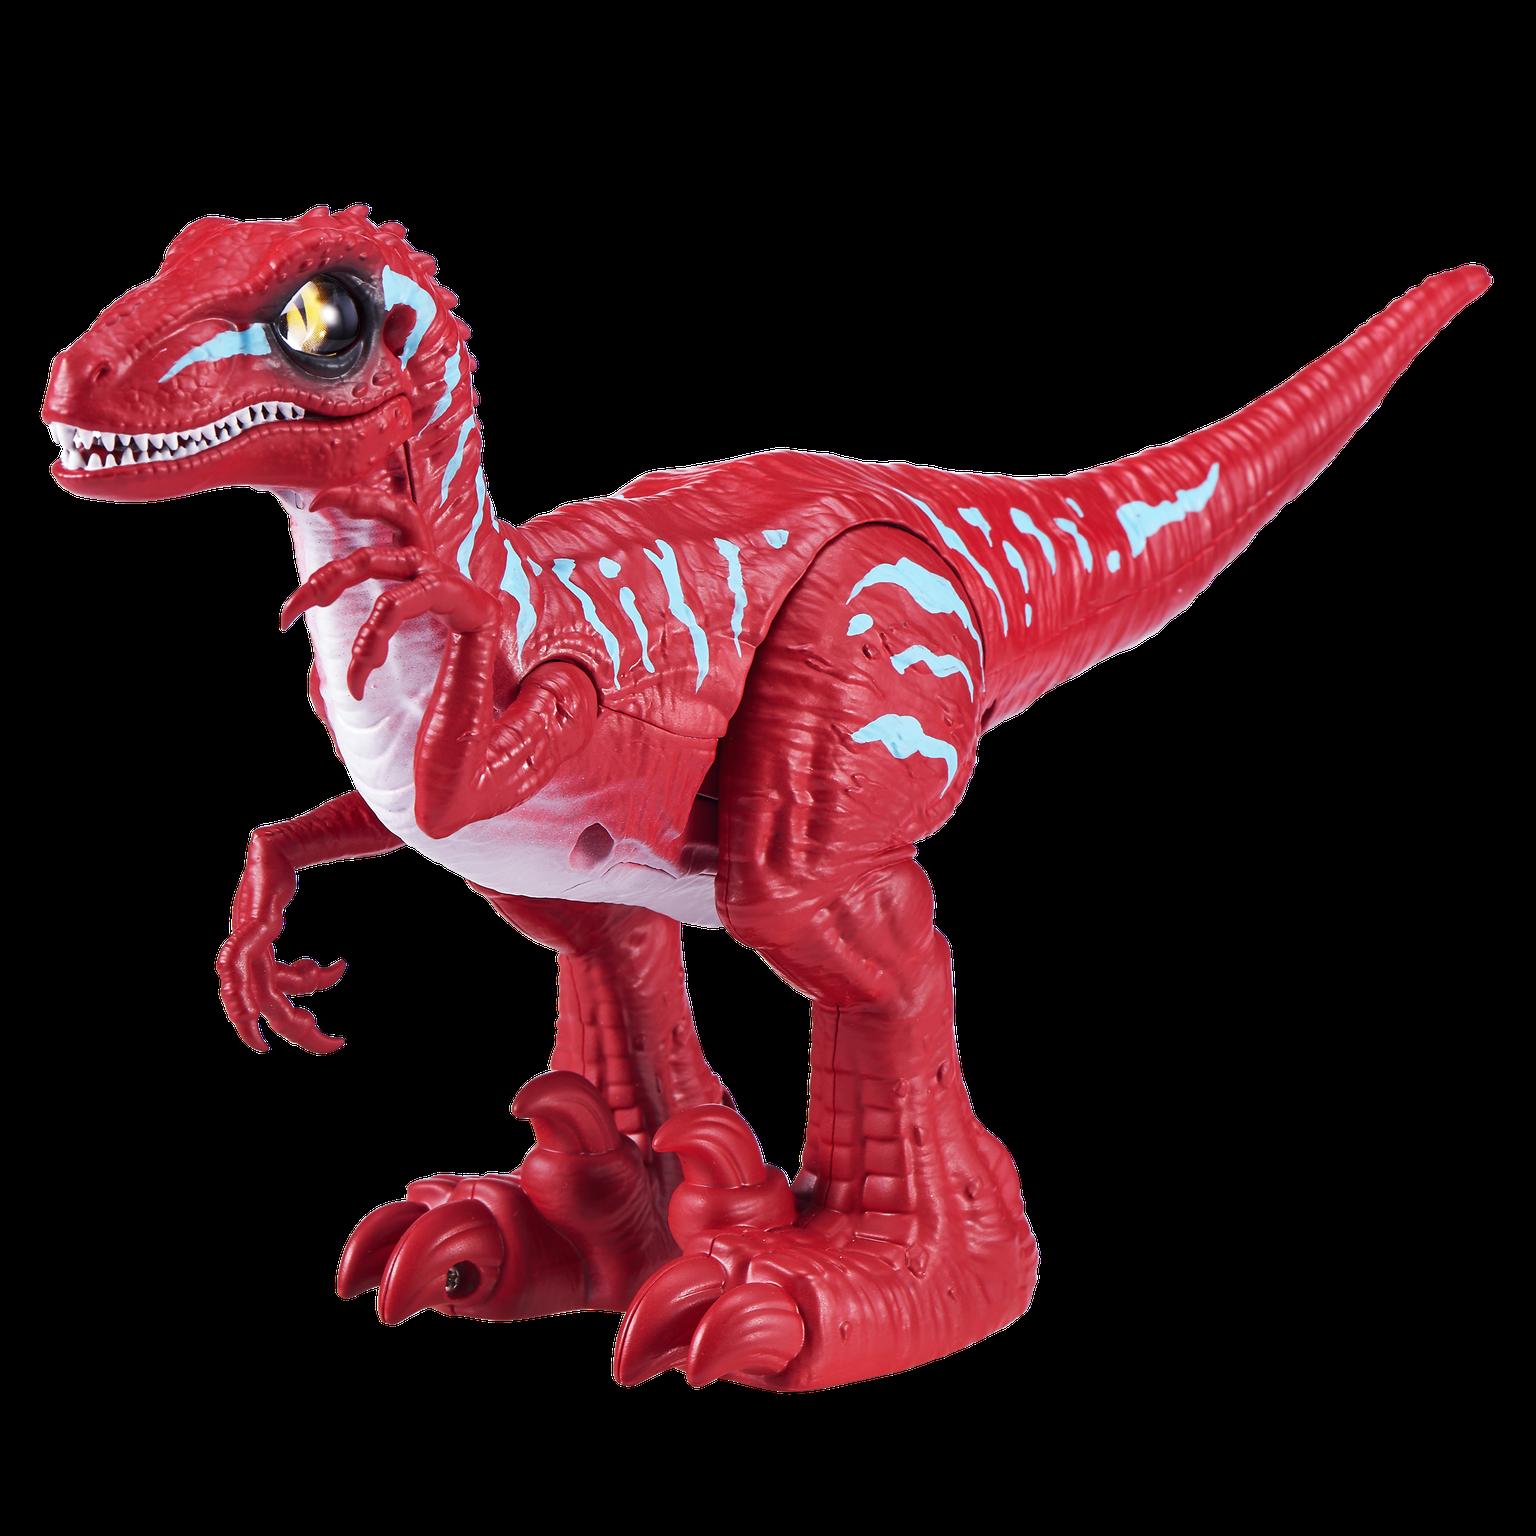 Roboalive - Raptor - Red